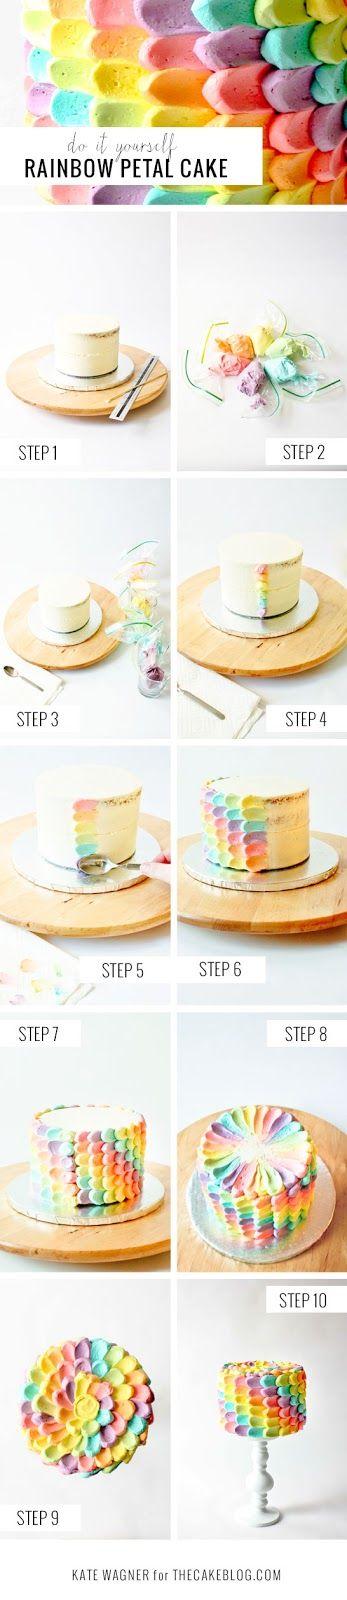 20 εύκολοι τρόποι για να διακοσμήσετε μοναδικά και εύκολα τις τούρτες σας! | Φτιάξτο μόνος σου - Κατασκευές DIY - Do it yourself